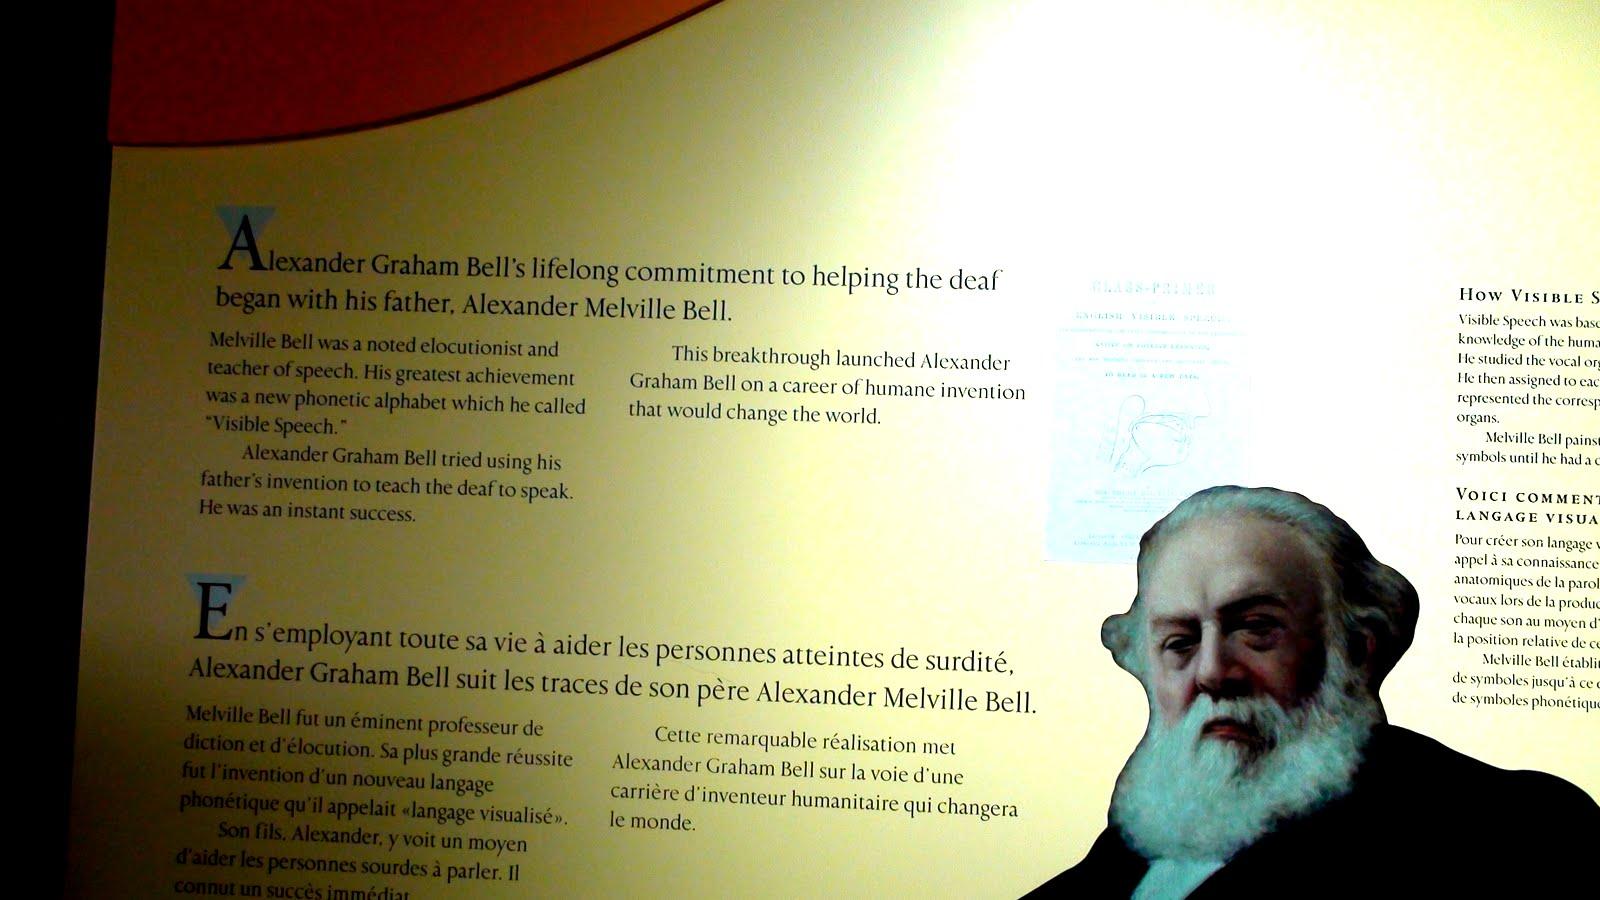 alexander graham bell essay alexander graham bell inpact changes alexander graham bell museum